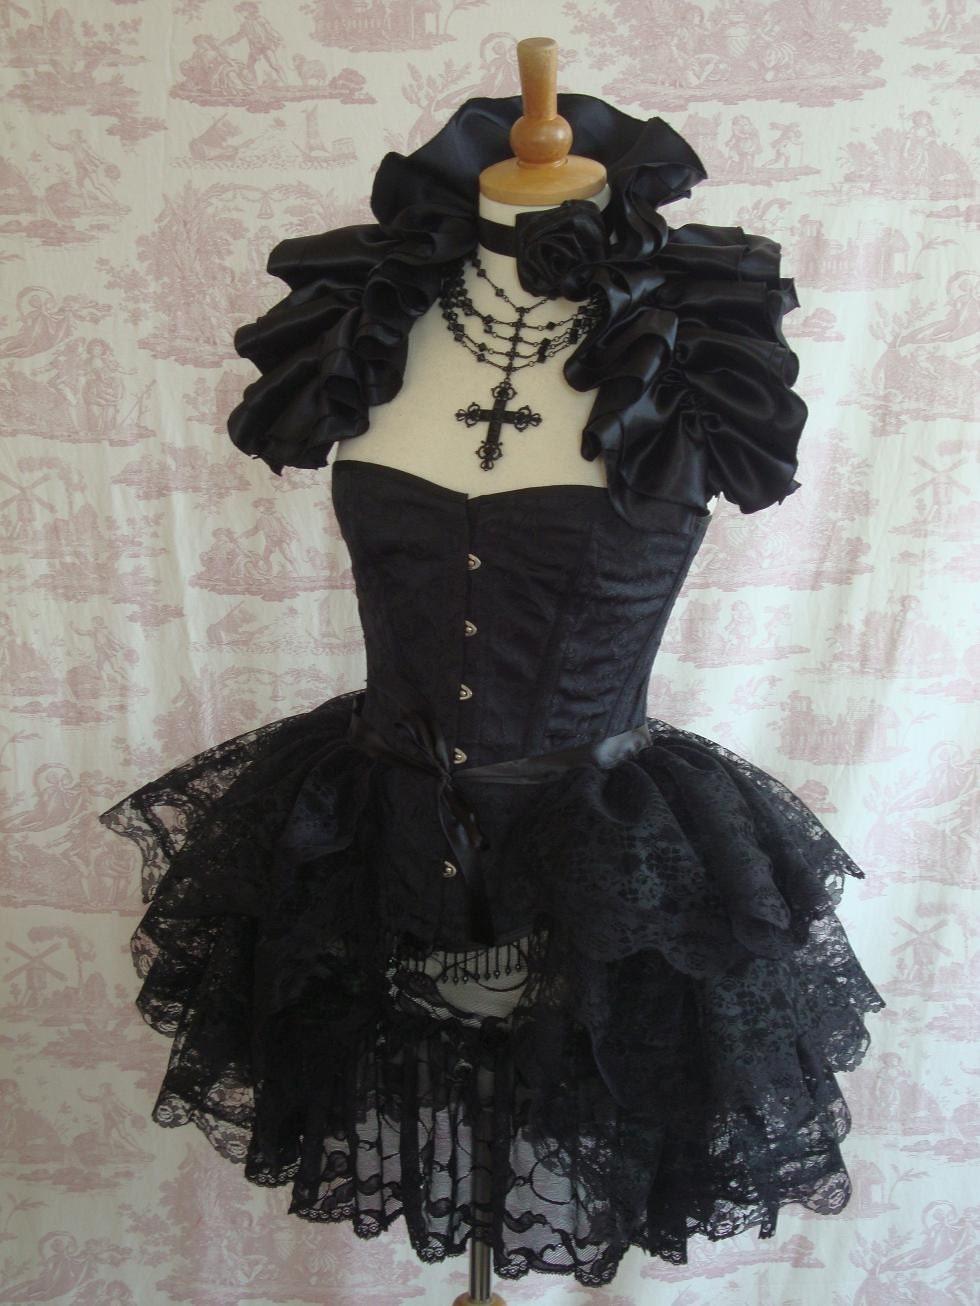 d2a3e41b3fa95 PLUS SIZE Lace Burlesque Bustle Skirt Gothic Steampunk BUSTLE